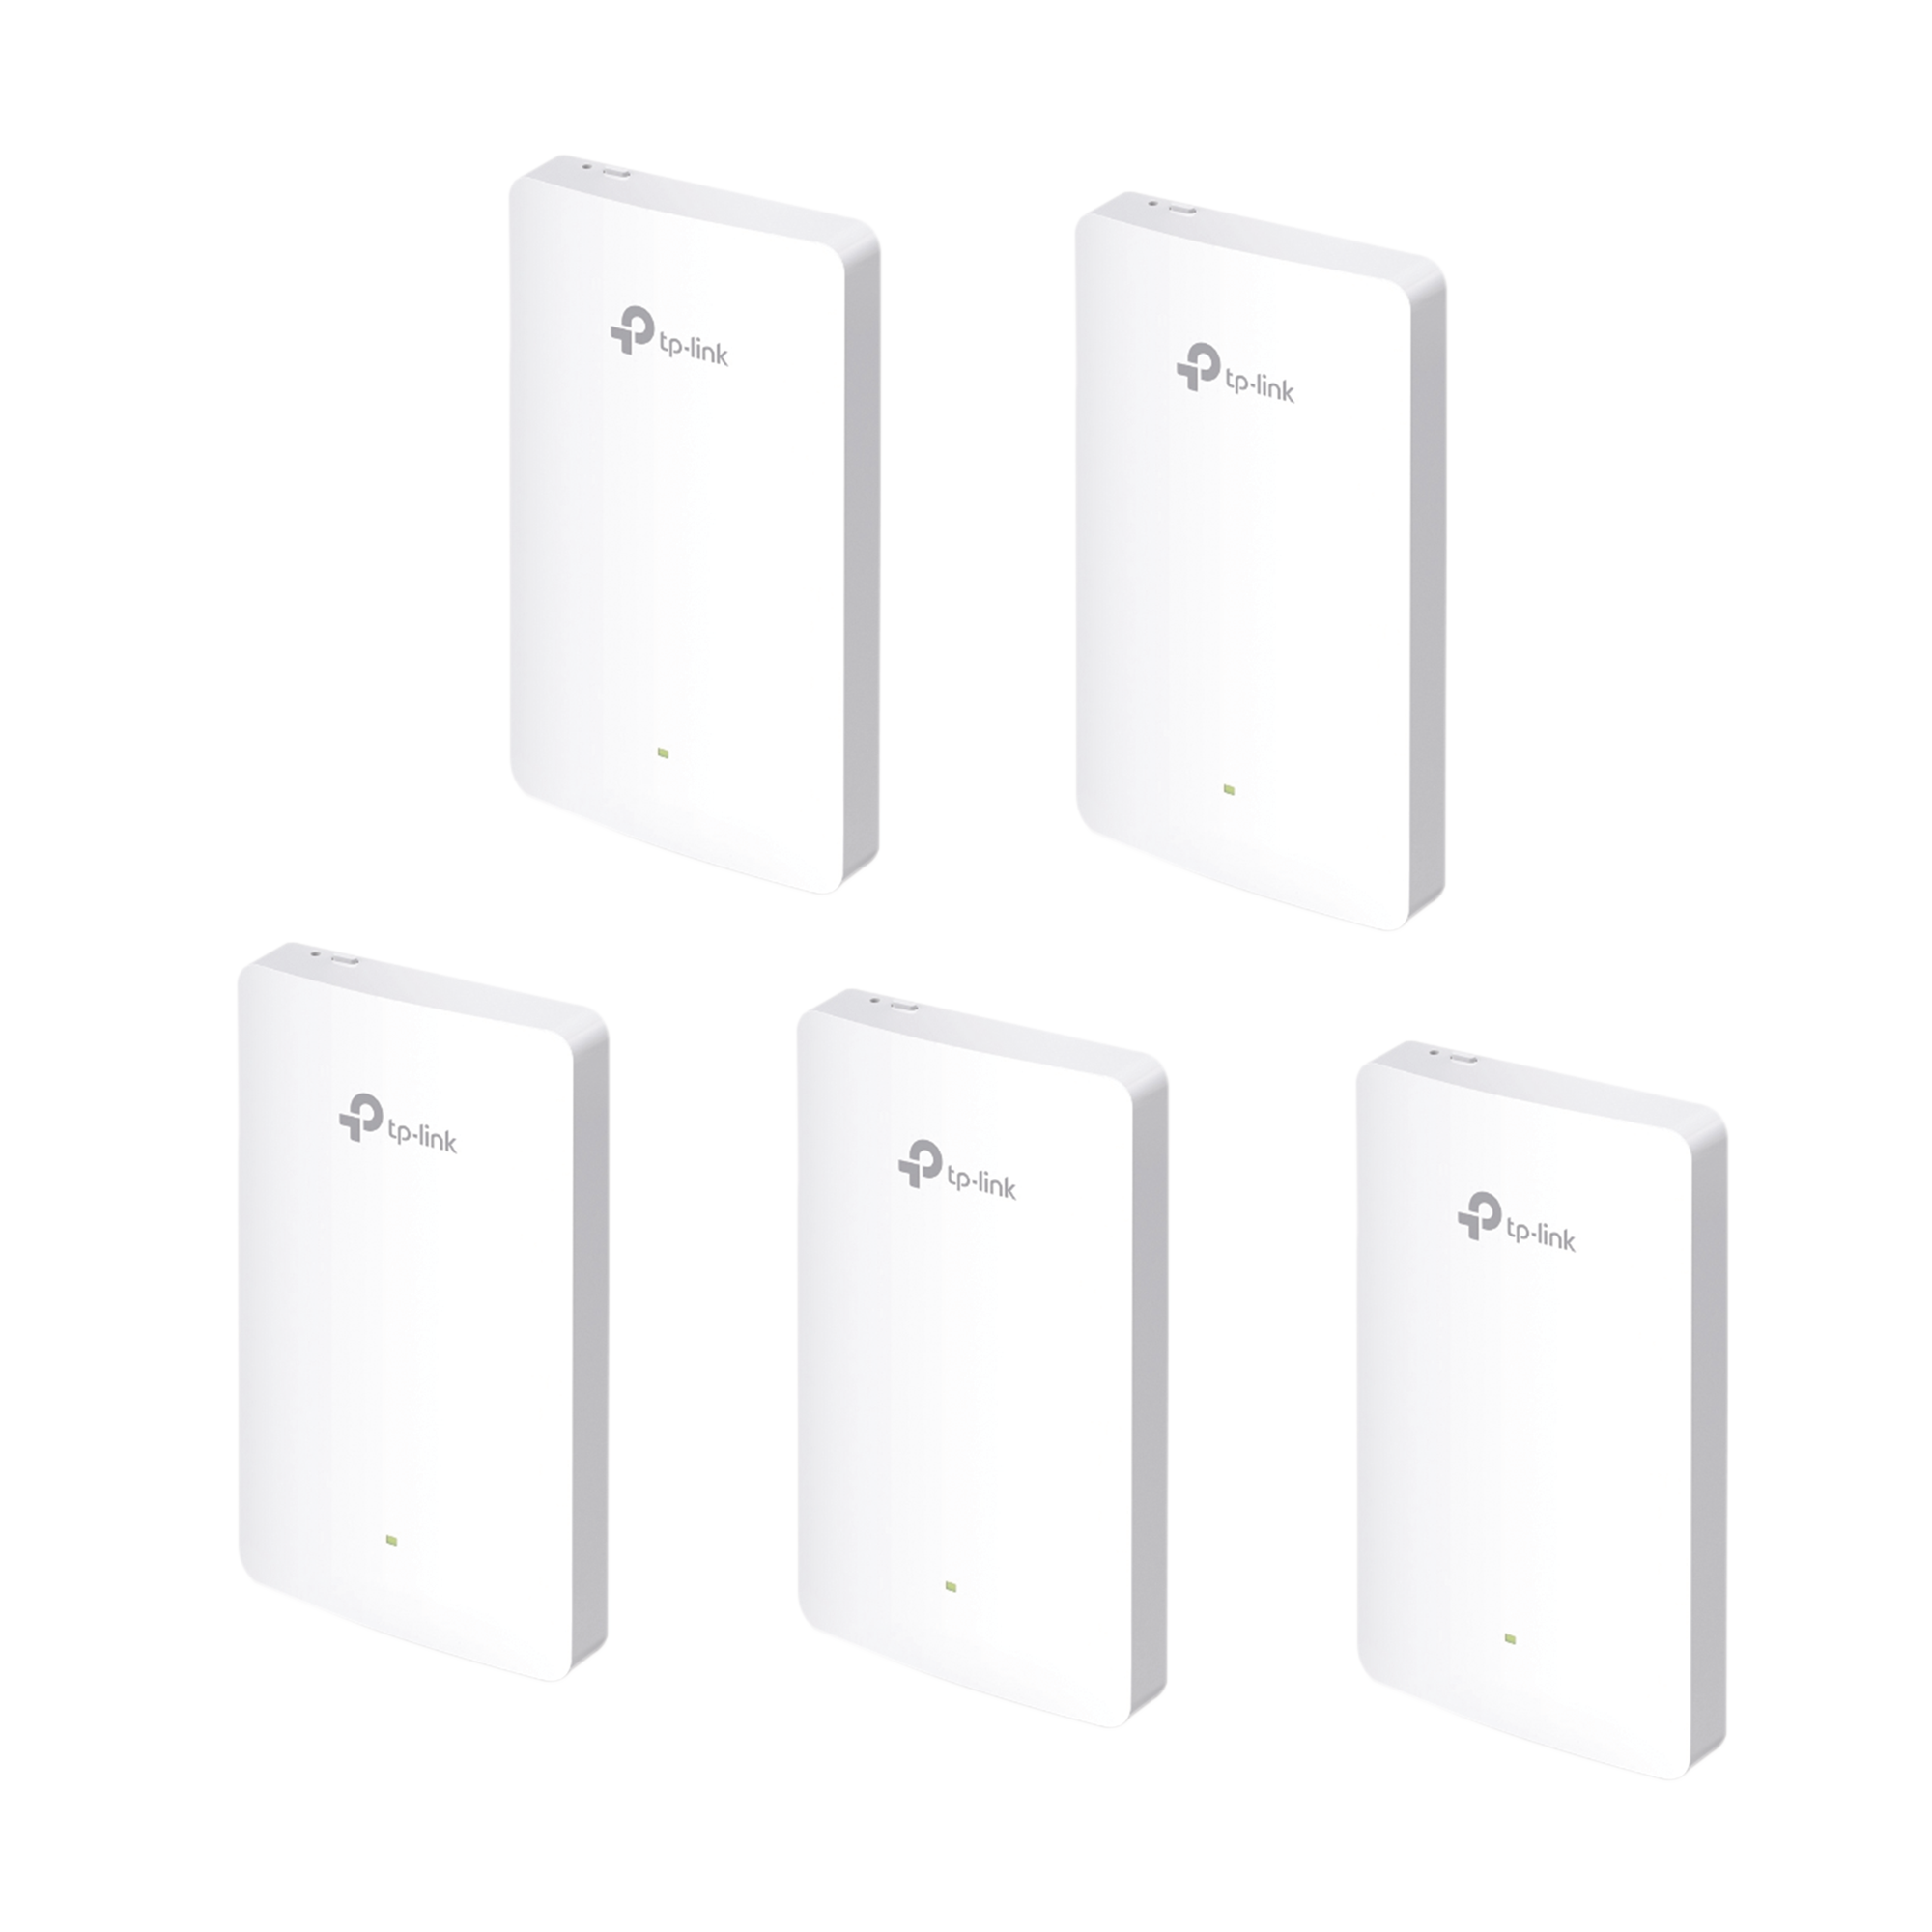 Kit de 5 Puntos de acceso Omada doble banda 802.11ac, PoE 802.3af/at, MU-MIMO, MIMO 2x2 diseño placa de pared con tres puertos adicionales, soporta hasta 100 clientes.